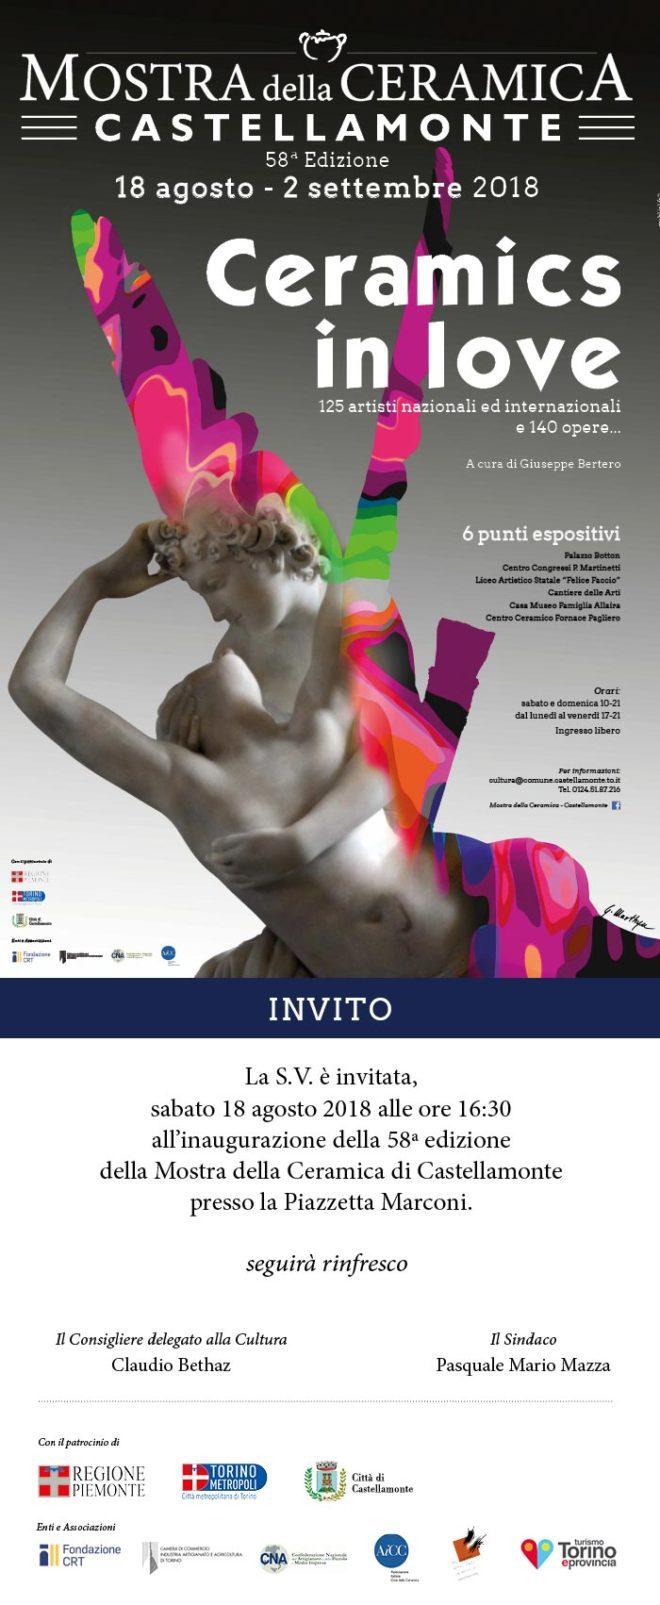 Mostra Della Ceramica Di Castellamonte.58a Mostra Della Ceramica Ceramics In Love Castellamonte Piemonte Expo